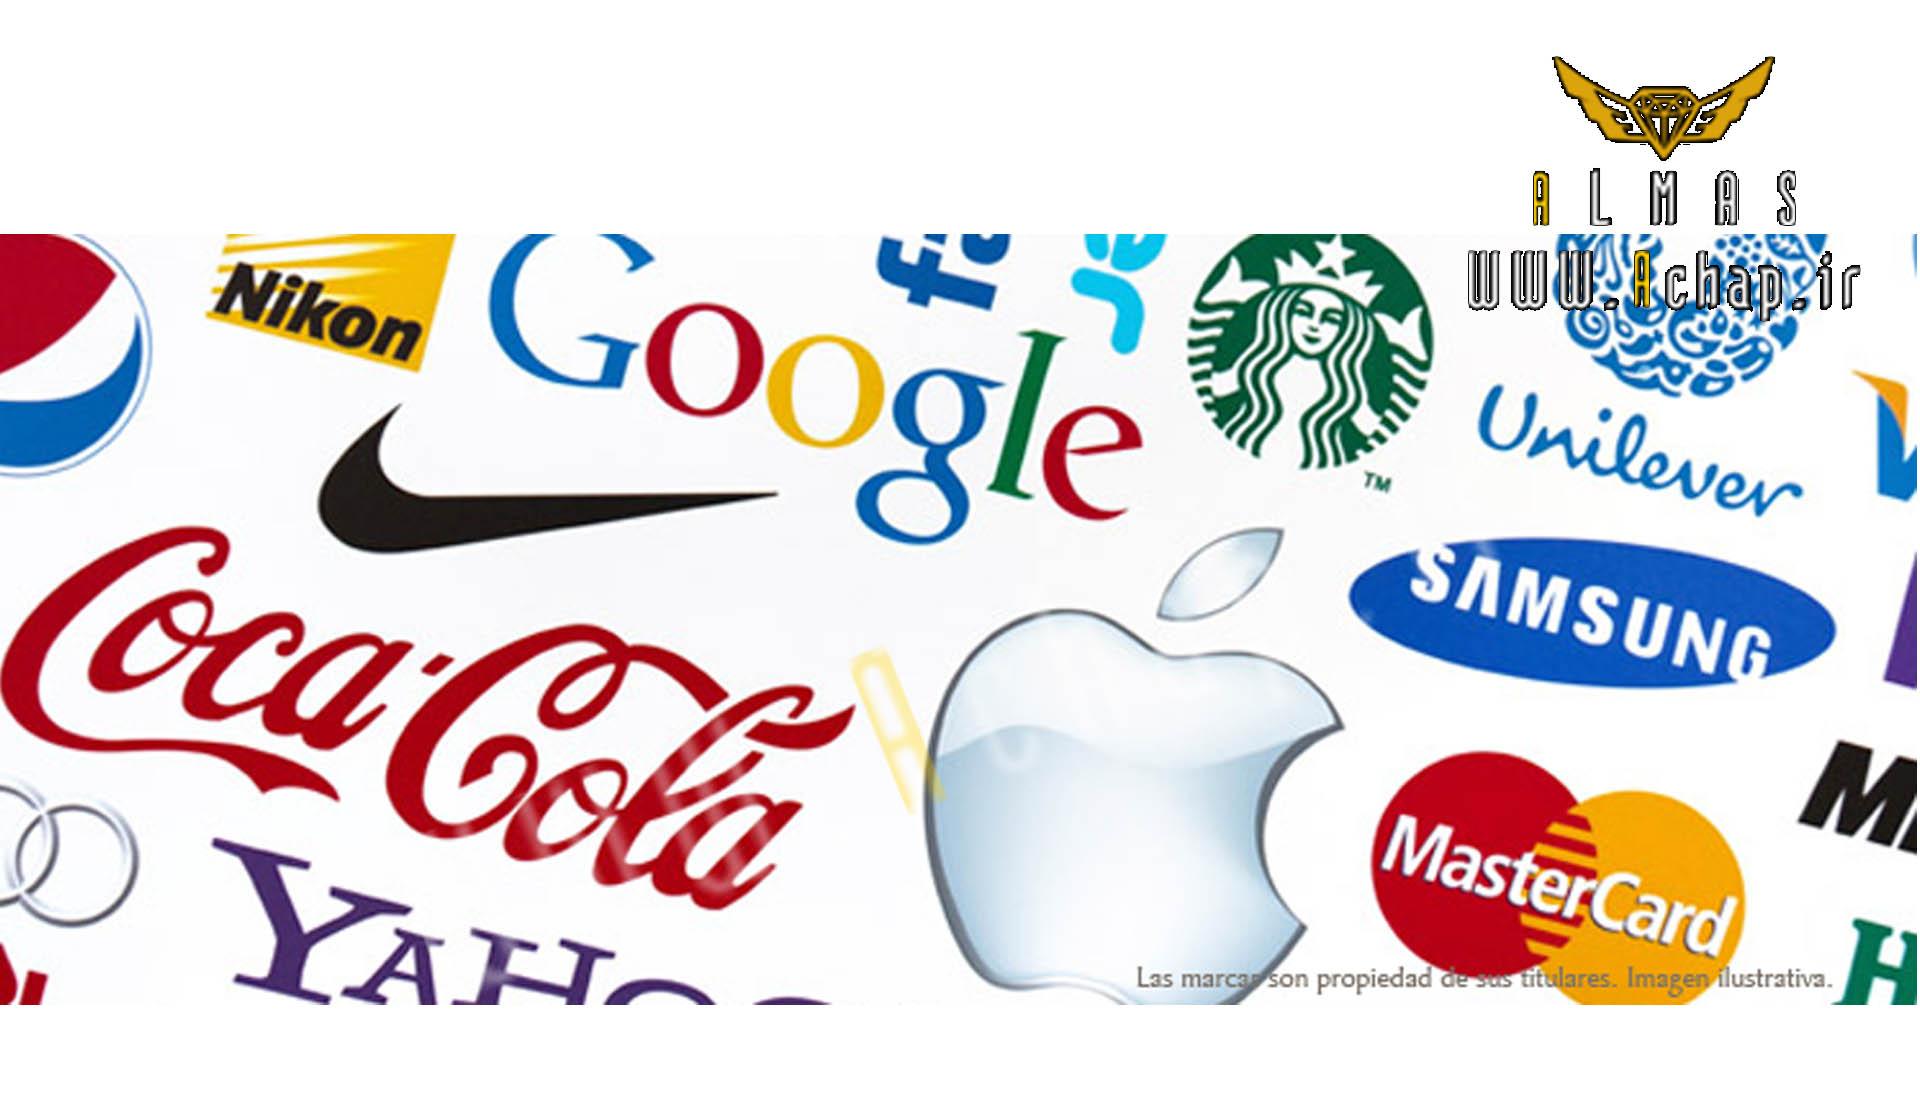 تبلیغات - achap - بهترین شرکتهای تبلیغ کننده (بخش15) -